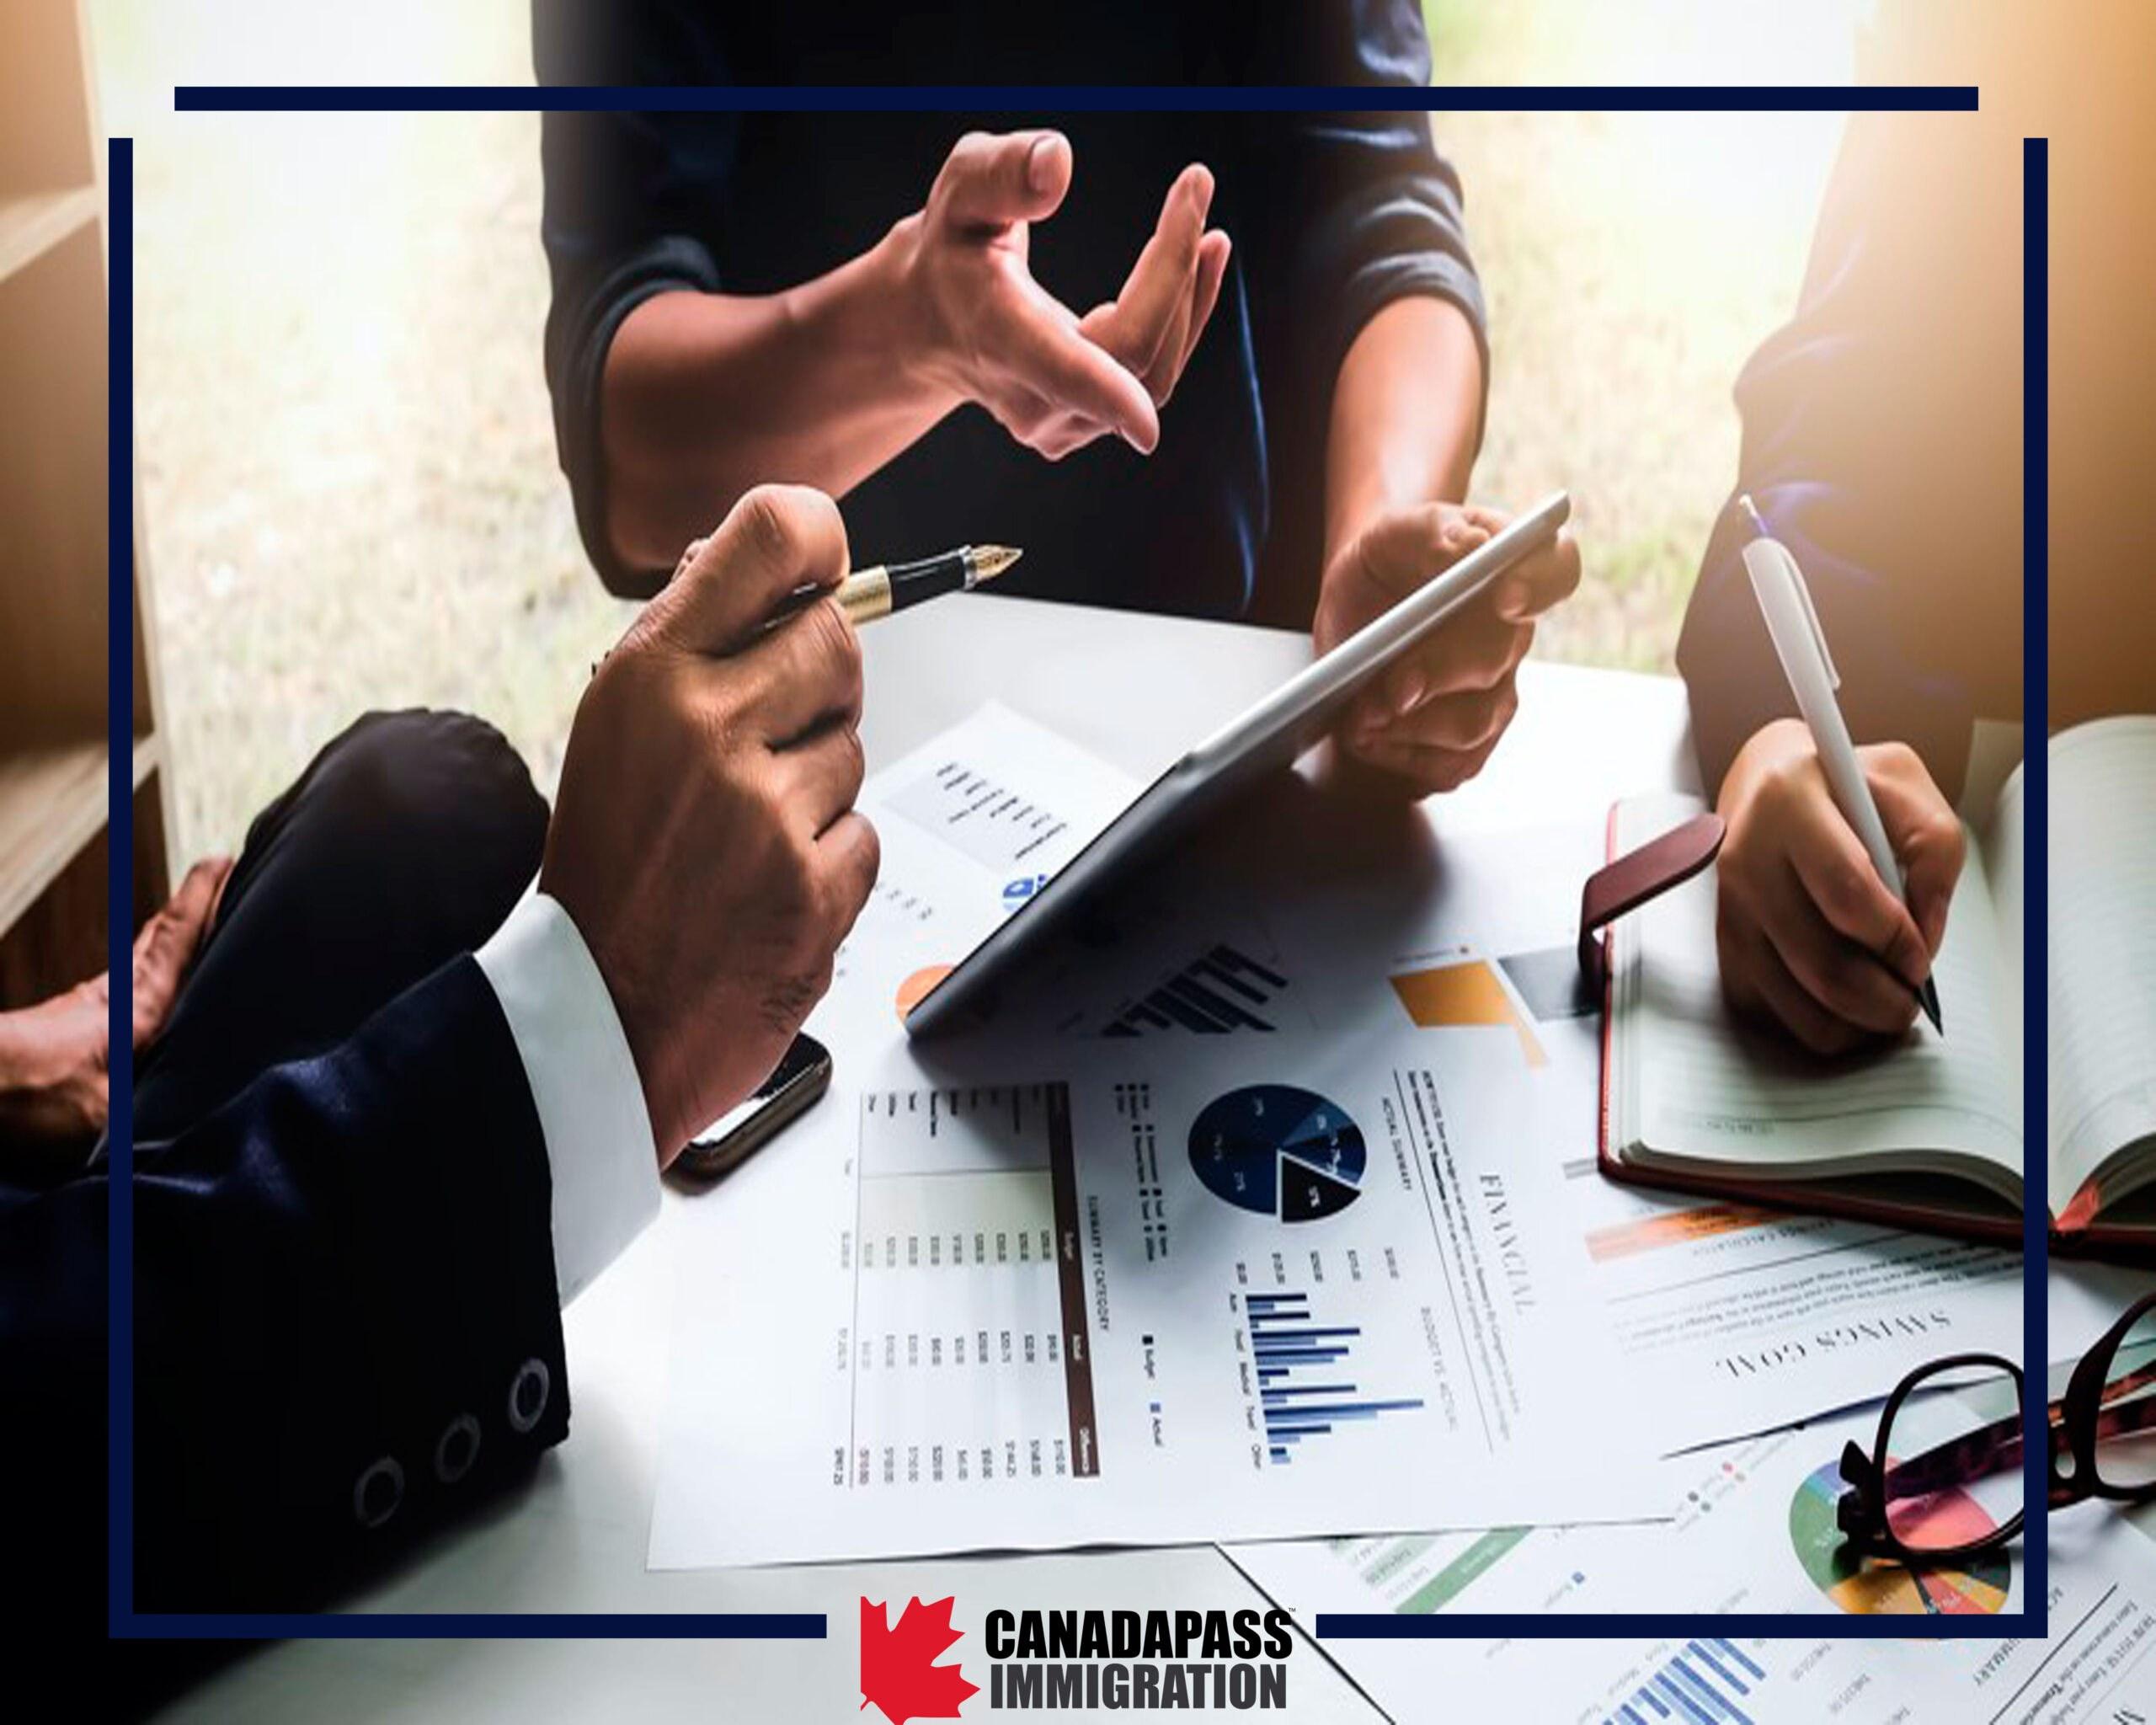 ثبت شرکت و راه اندازی و خرید بیزینس در کانادا